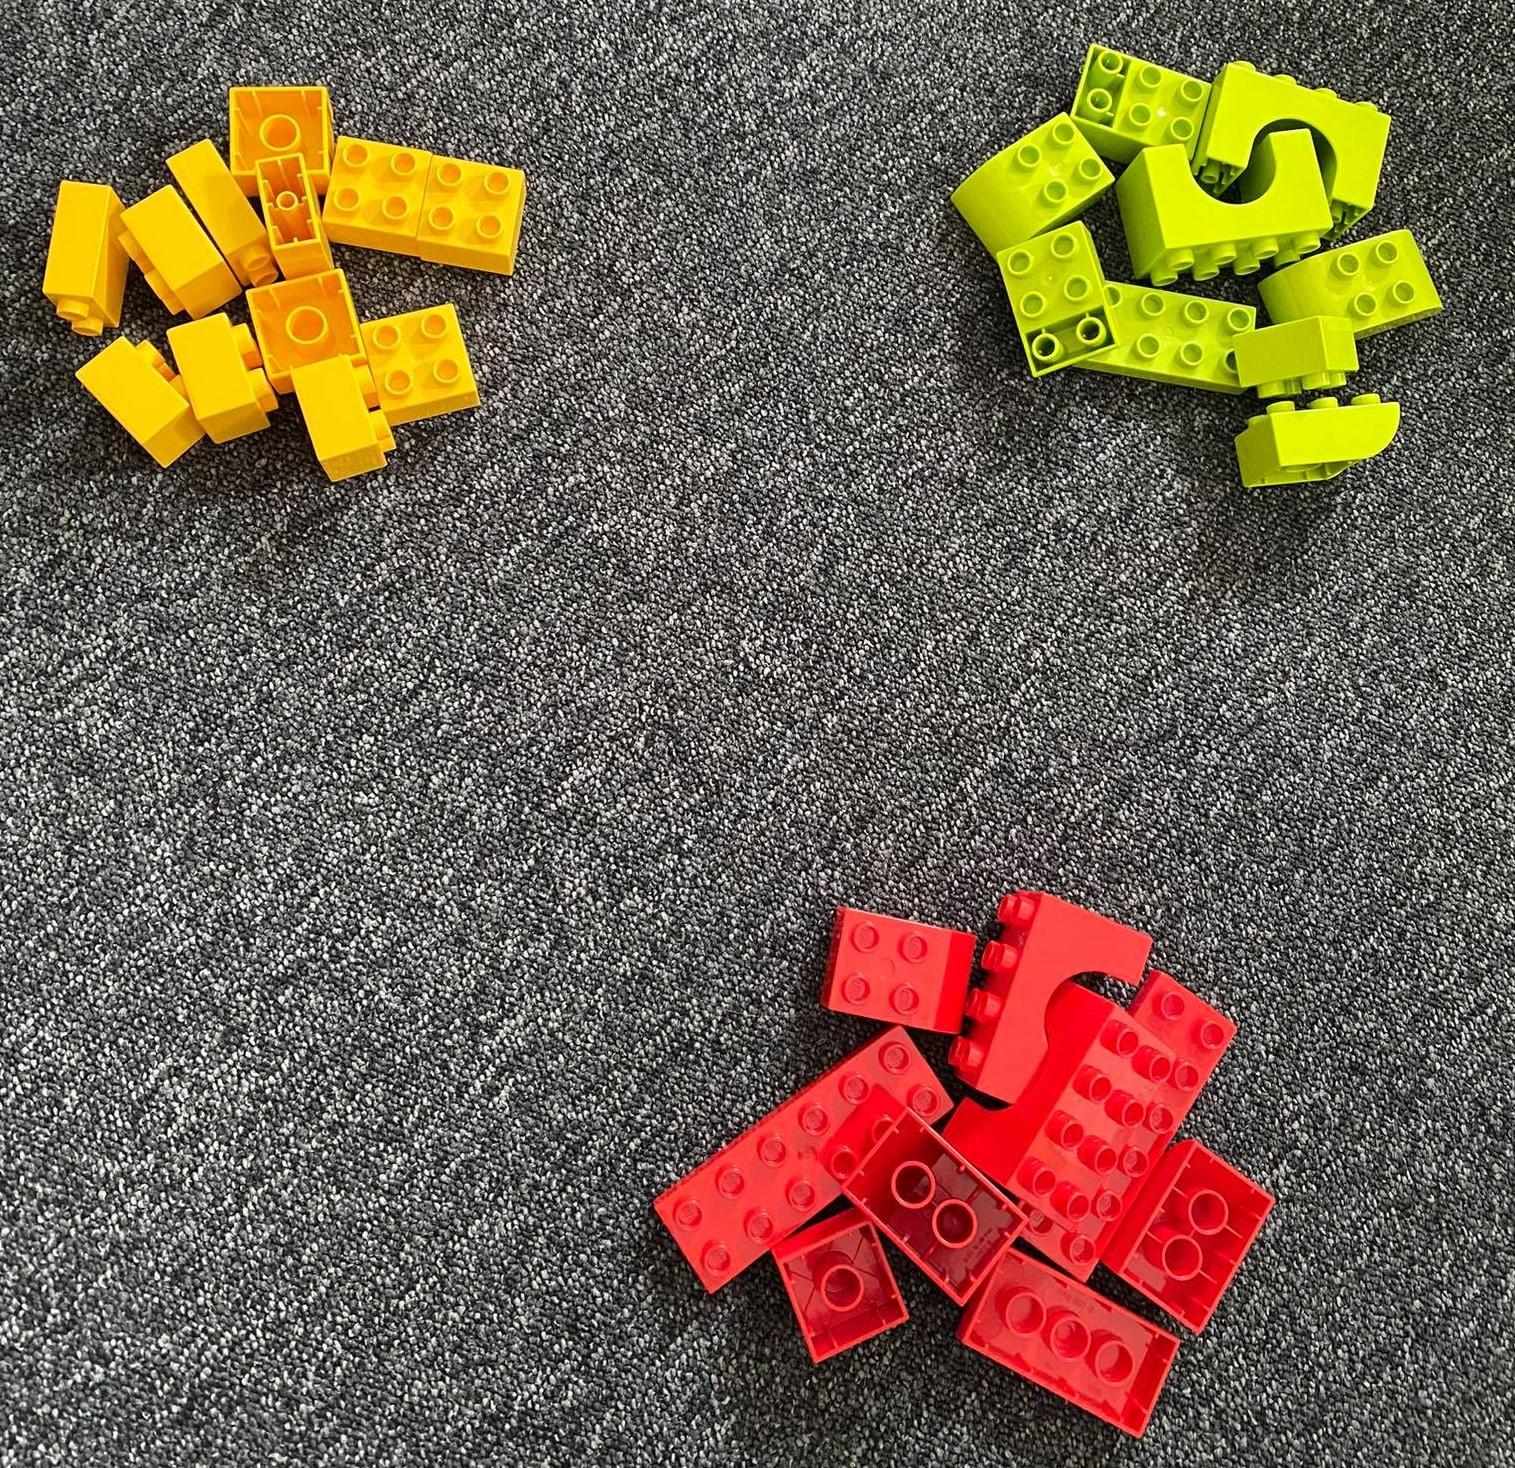 Zabawa rozwijająca kompetencje Steam u dzieci w wieku przedszkolnym i młodszych klas szkół podstawowych